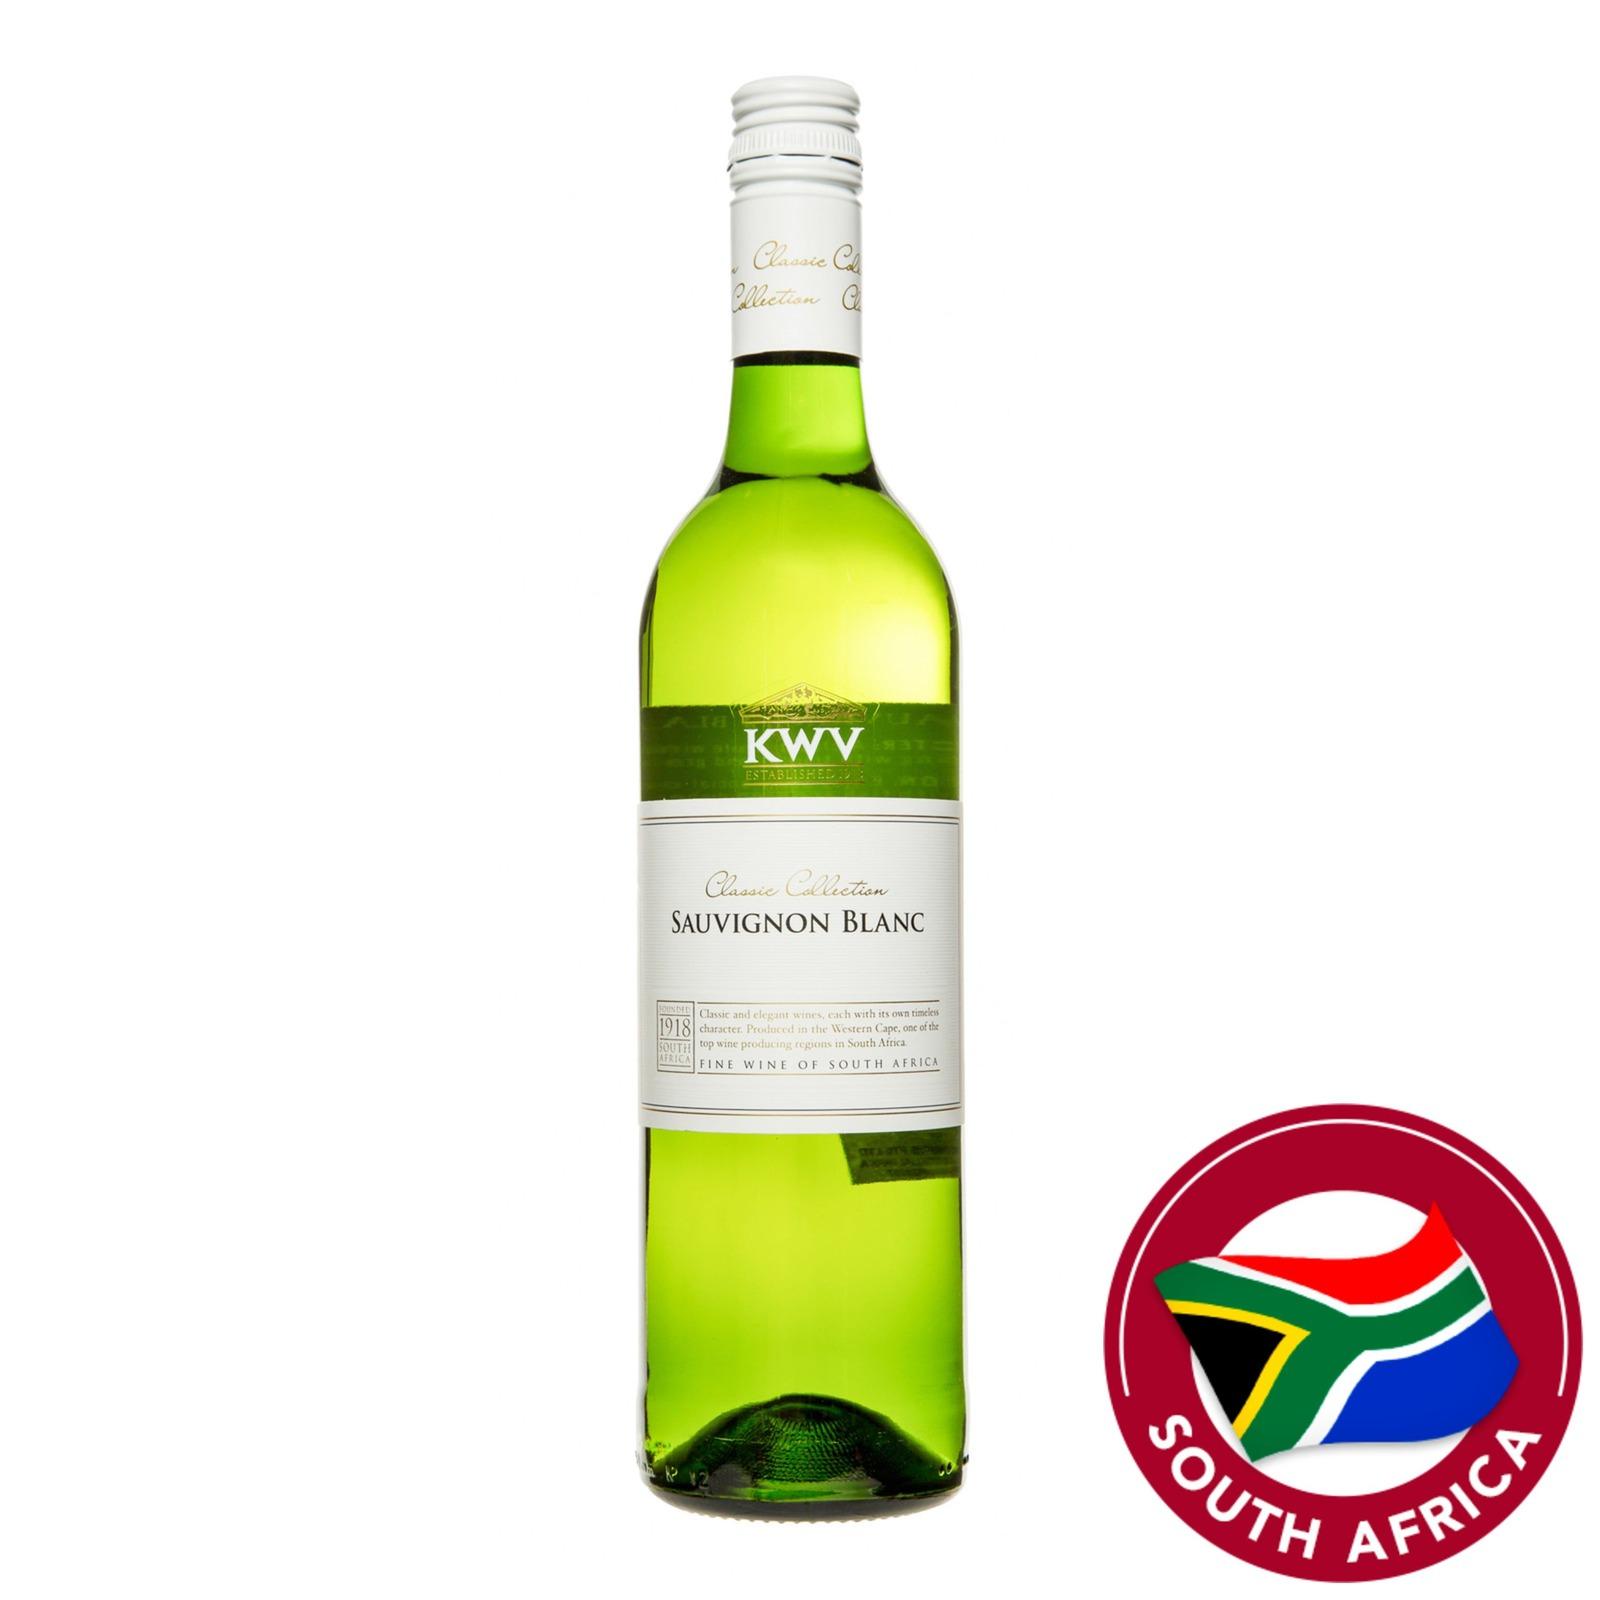 KWV Classic Collection White Wine - Sauvignon Blanc